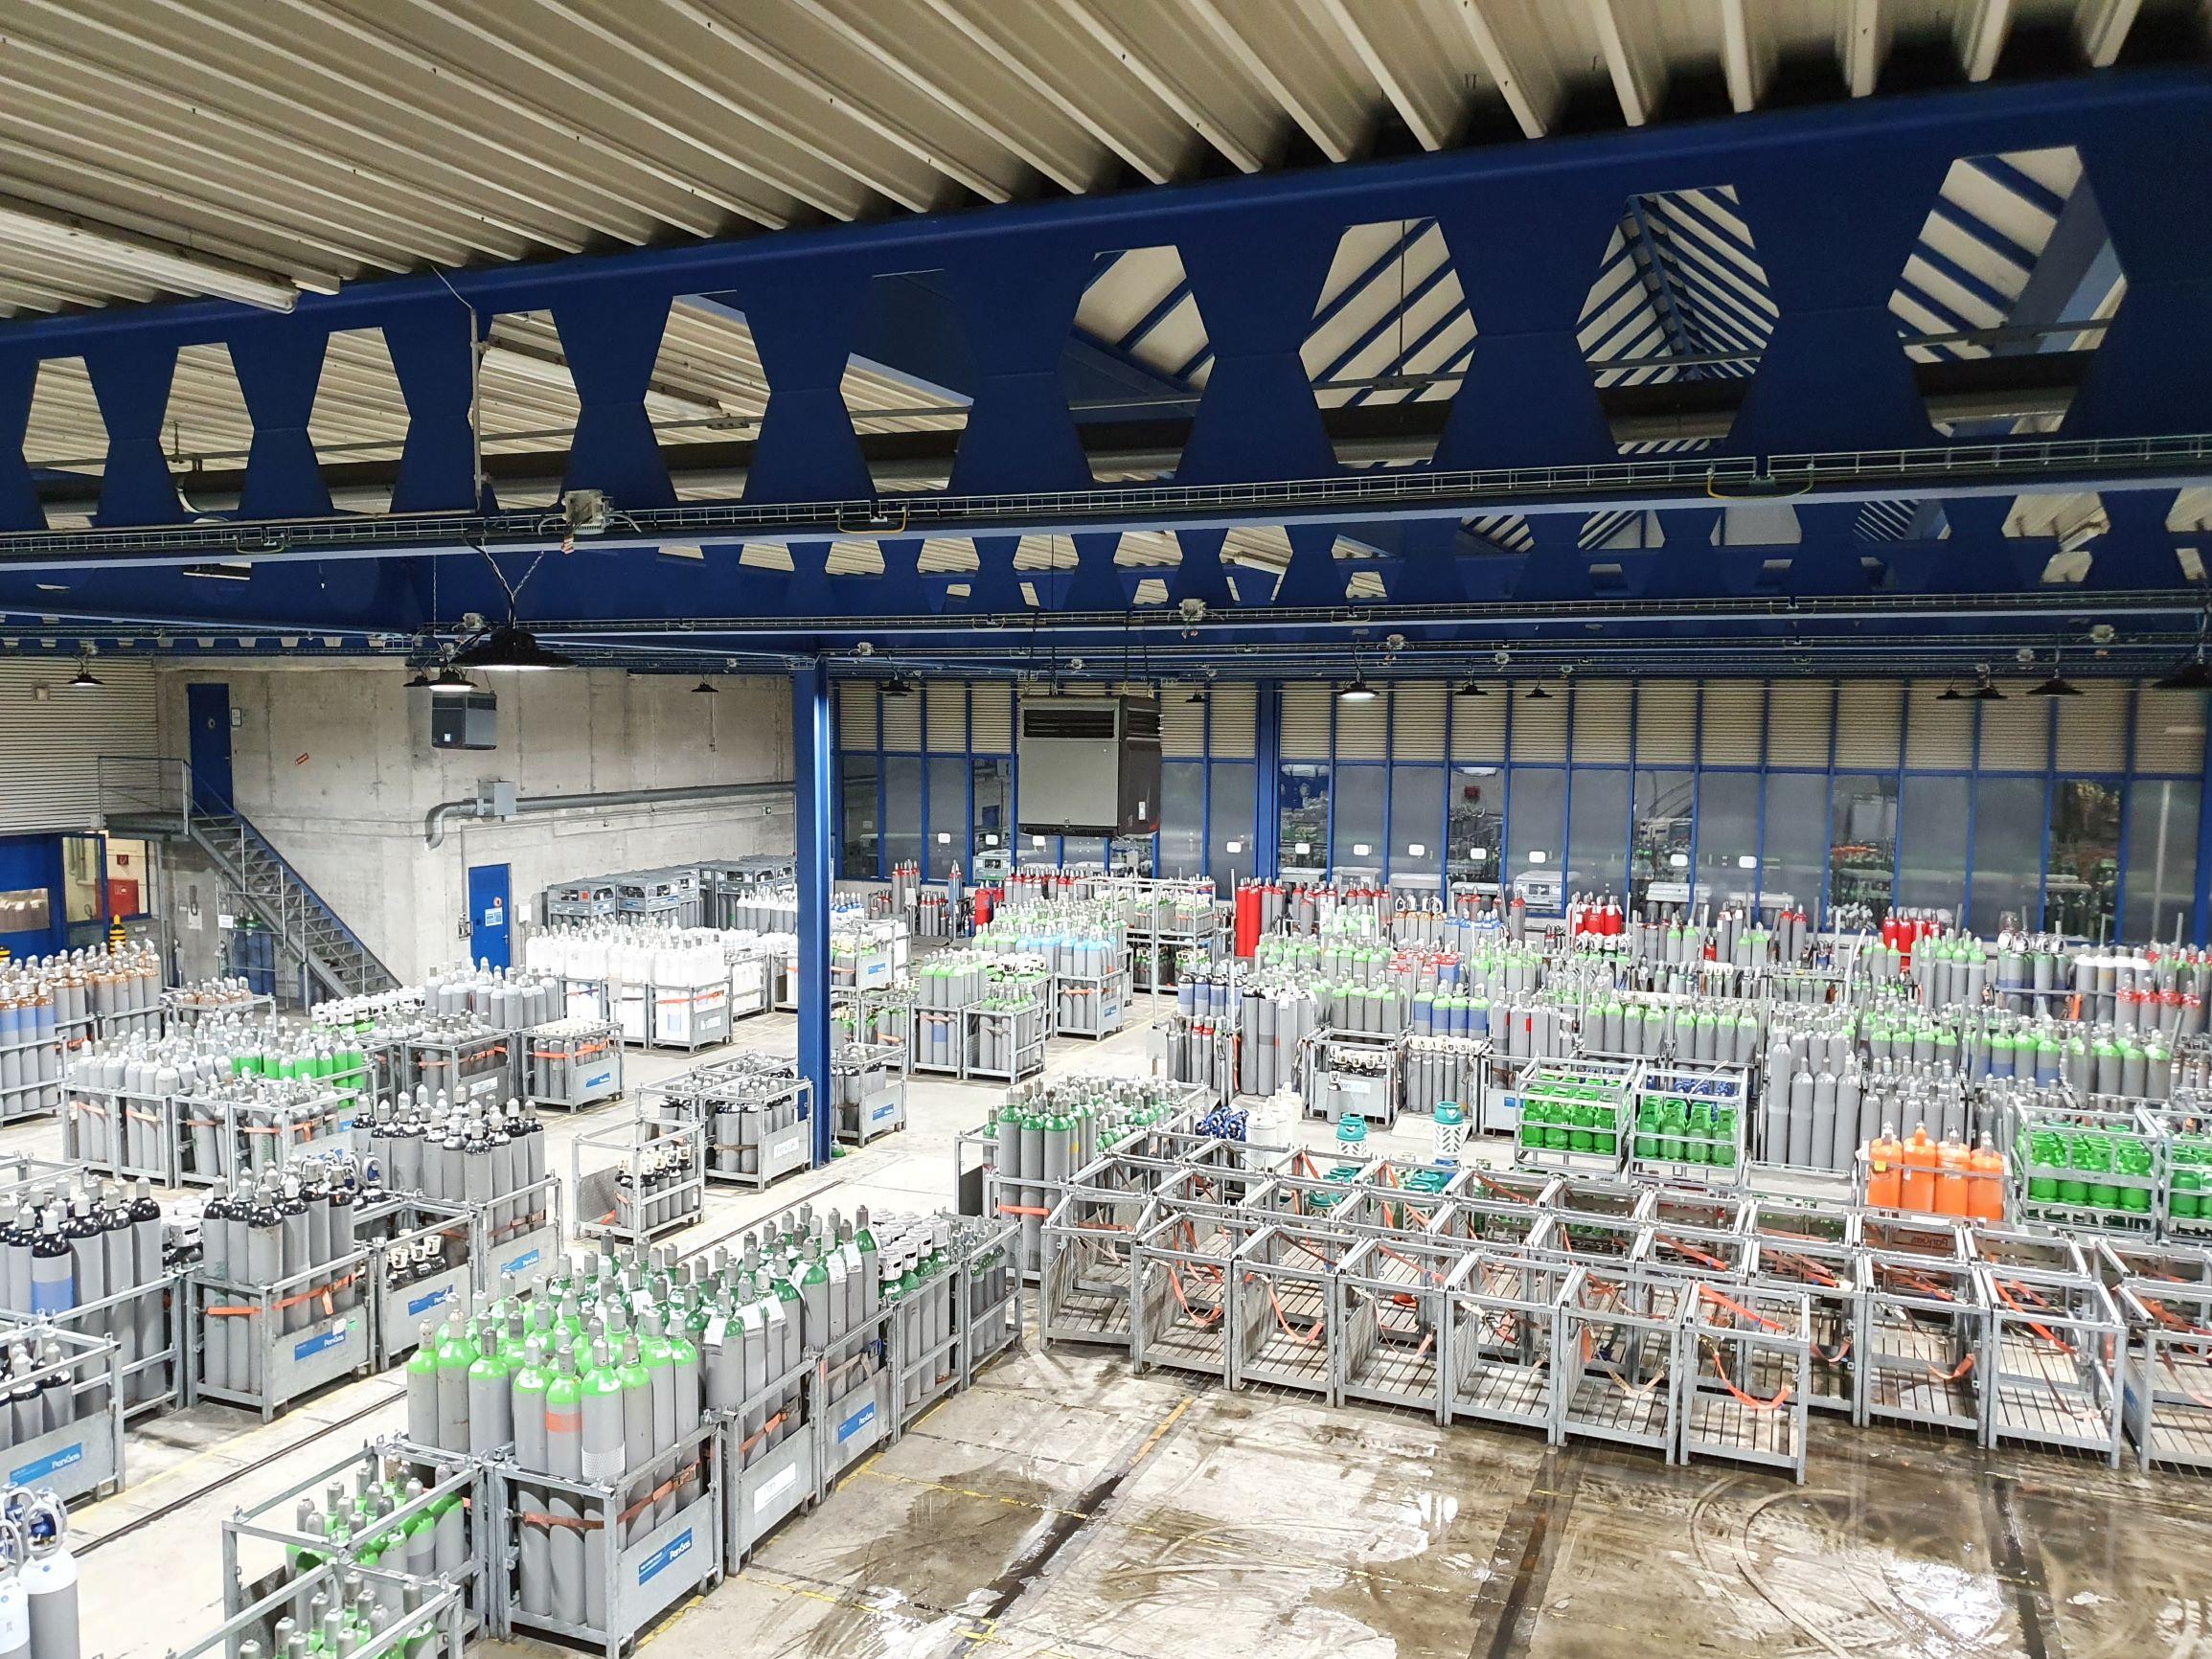 Bild der Industriehalle in der PanGas AG Dagmersellen